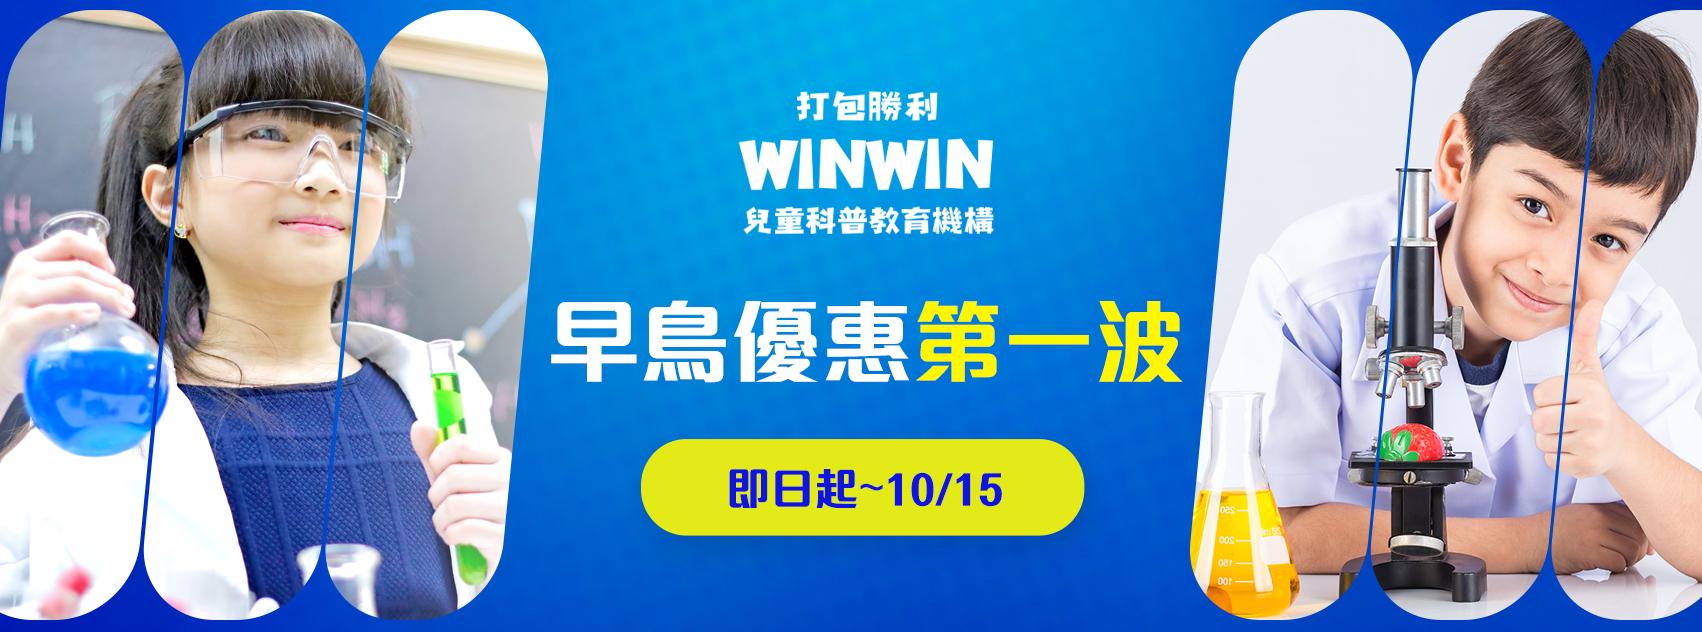 WINWIN打包勝利 冬令營 招生中